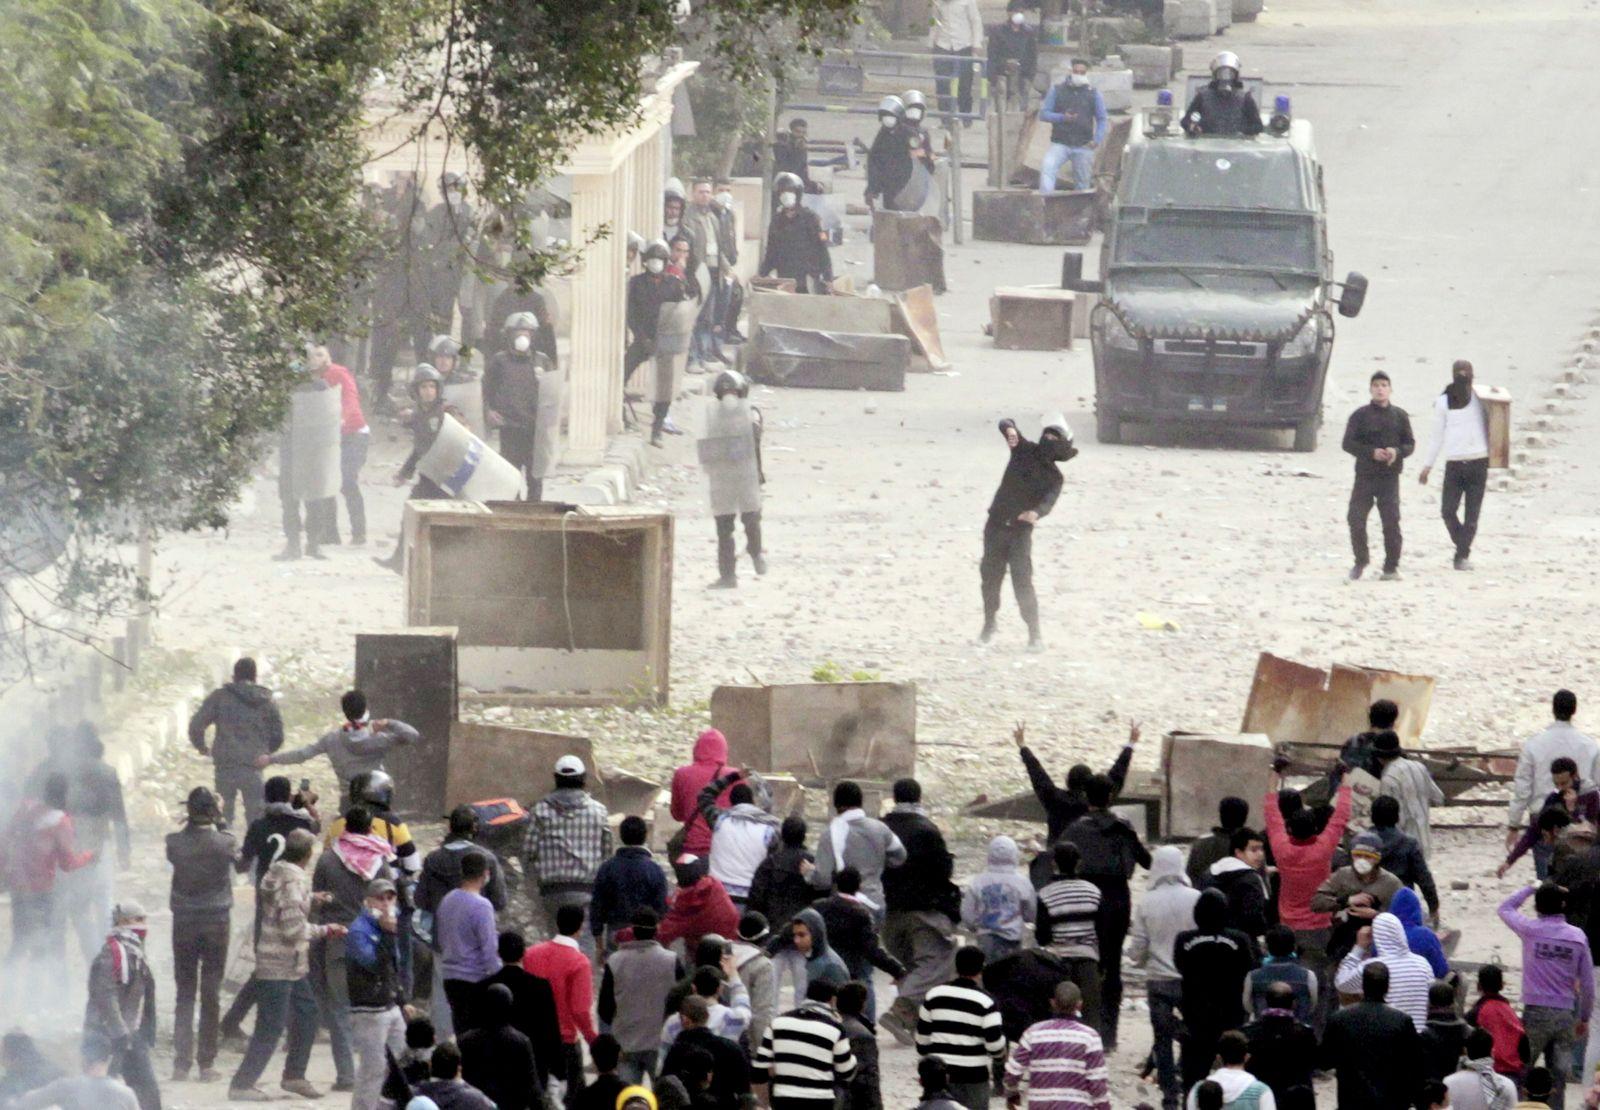 DER SPIEGEL 6/2012 pp 92 SPIN Ägypten